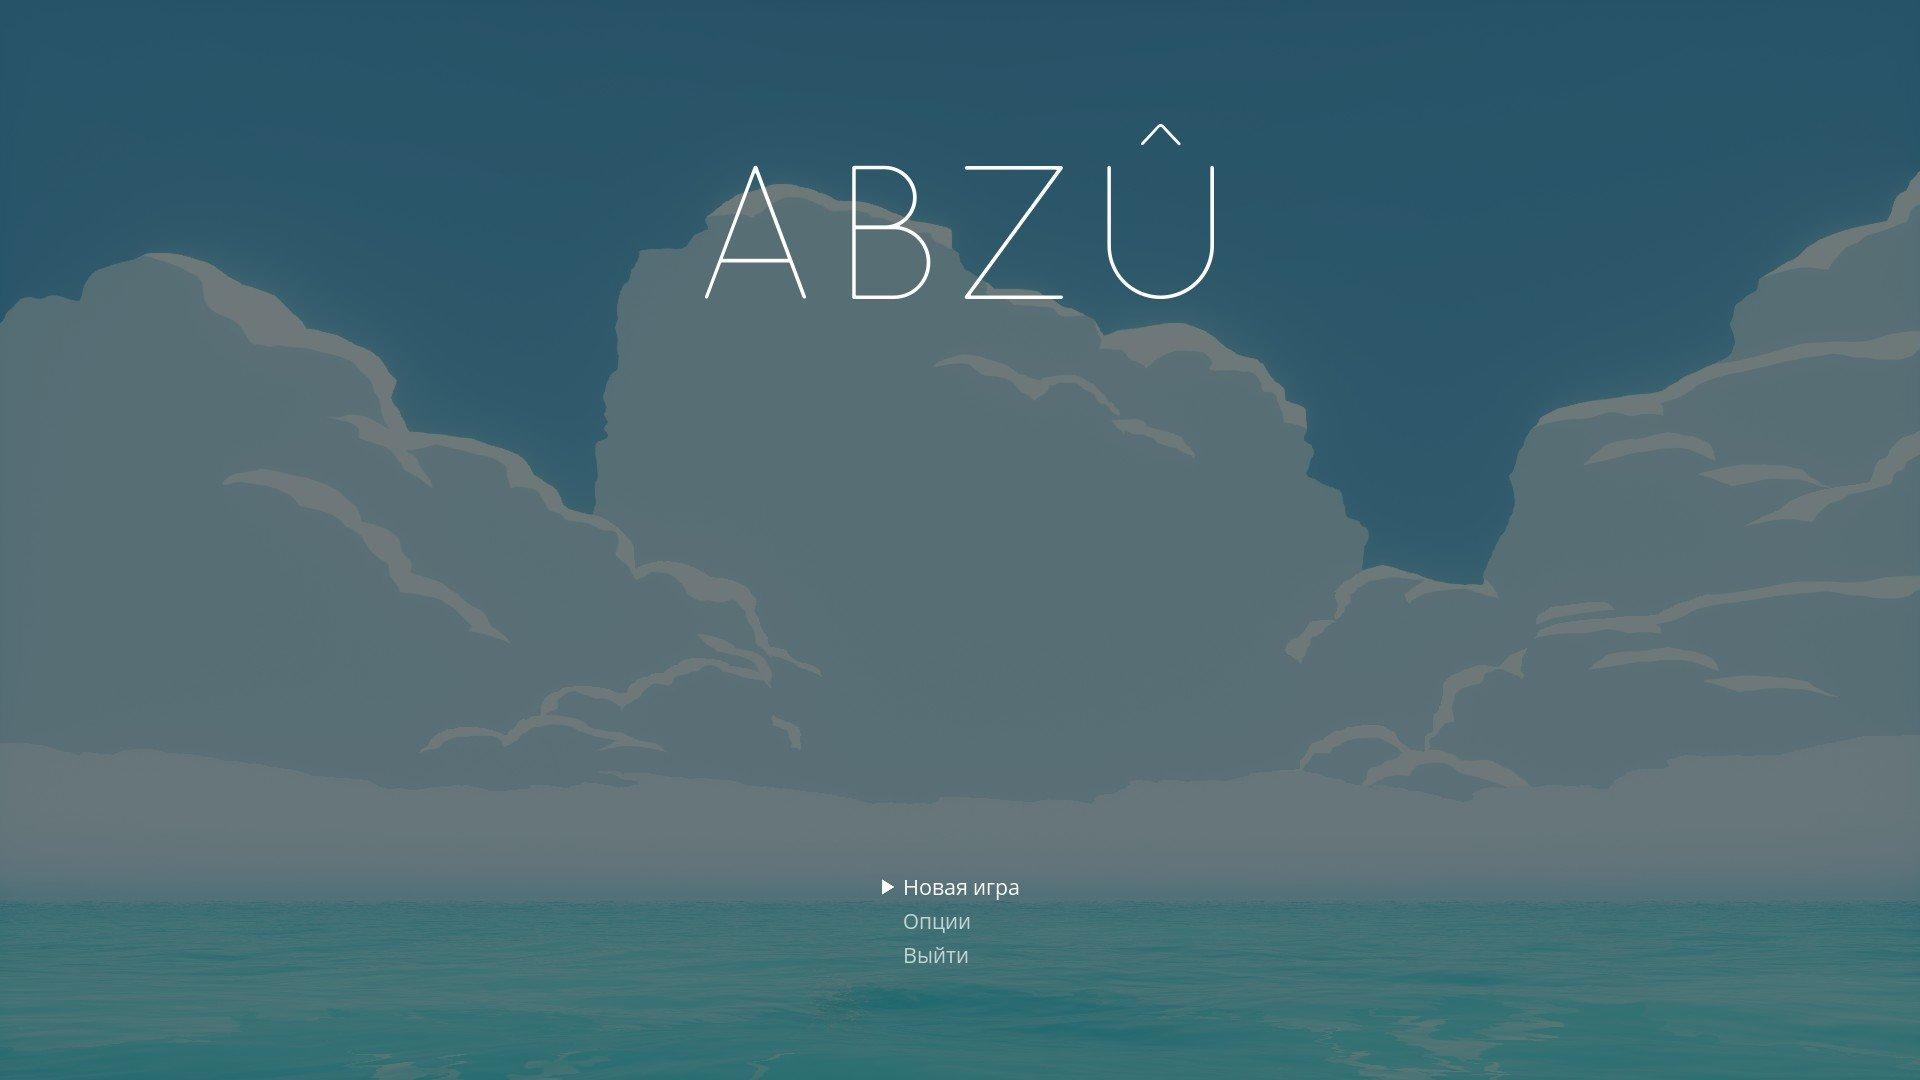 Пост-прохождение Abzu. - Изображение 1